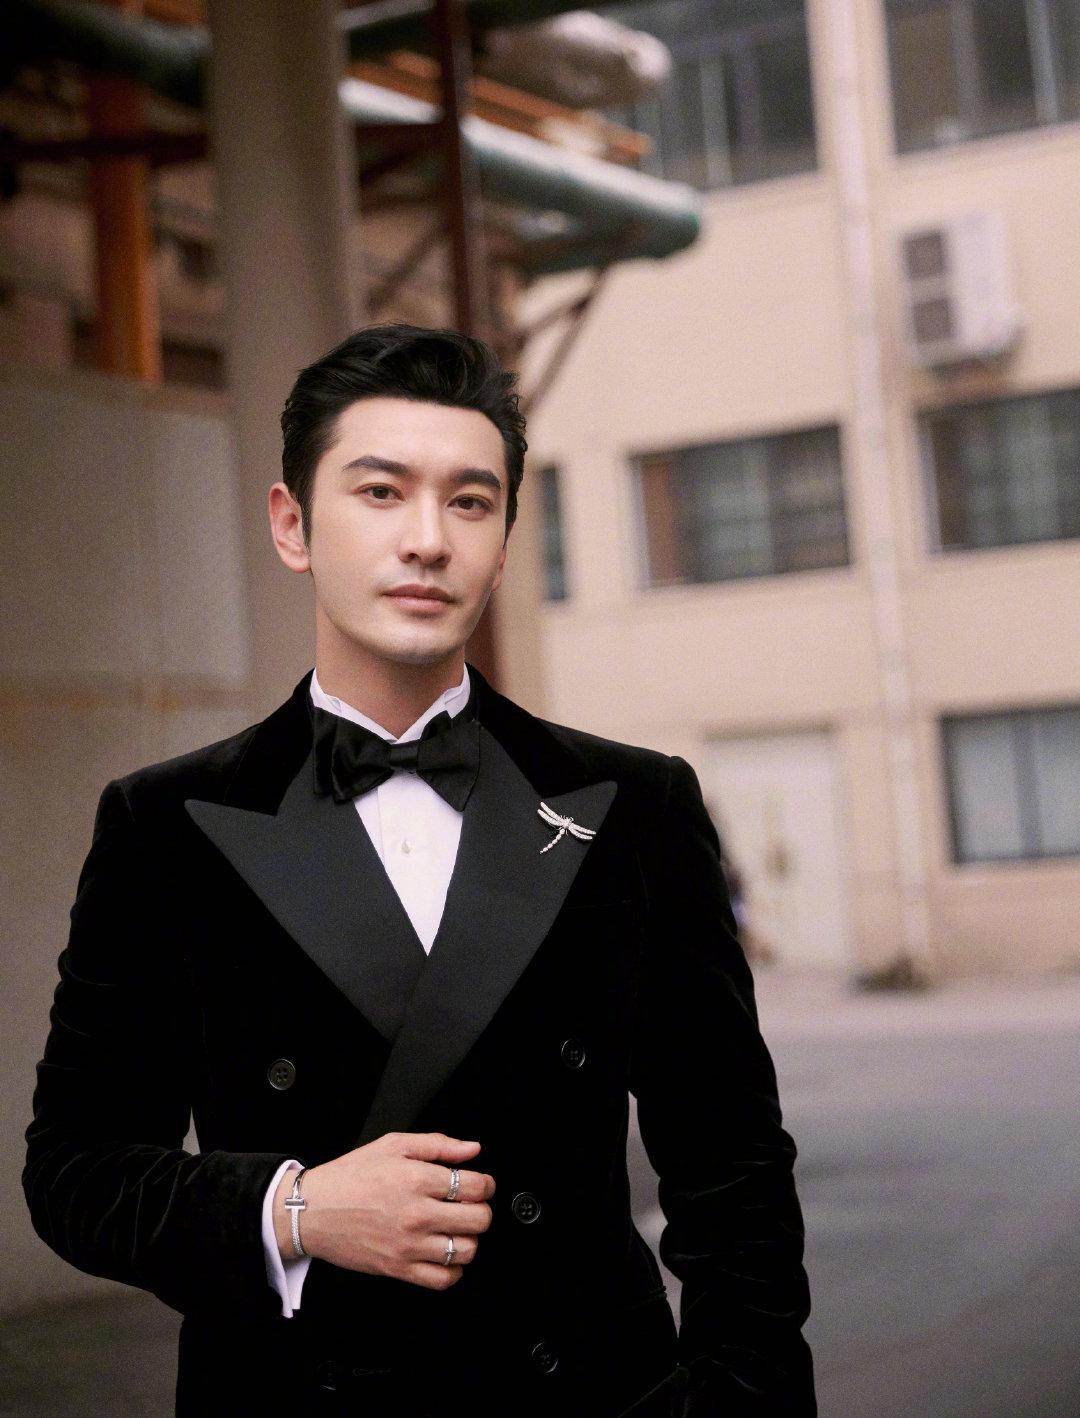 @黄晓明 参加百花奖颁奖礼造型,黑色丝绒西服利落大方